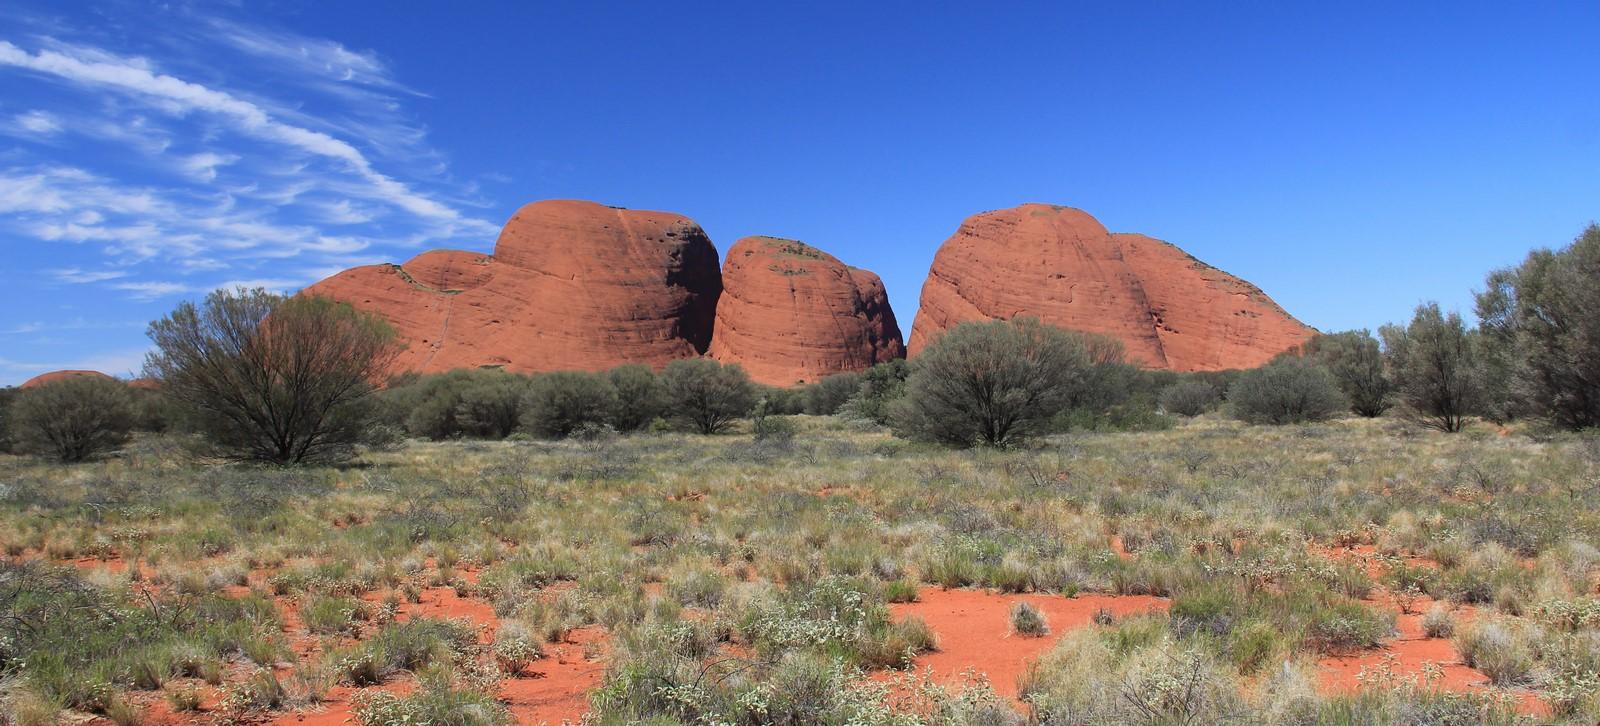 Jour 186 : Centre rouge #2 – Mont Olgas, Valley of the winds et coucher de soleil à Uluru !